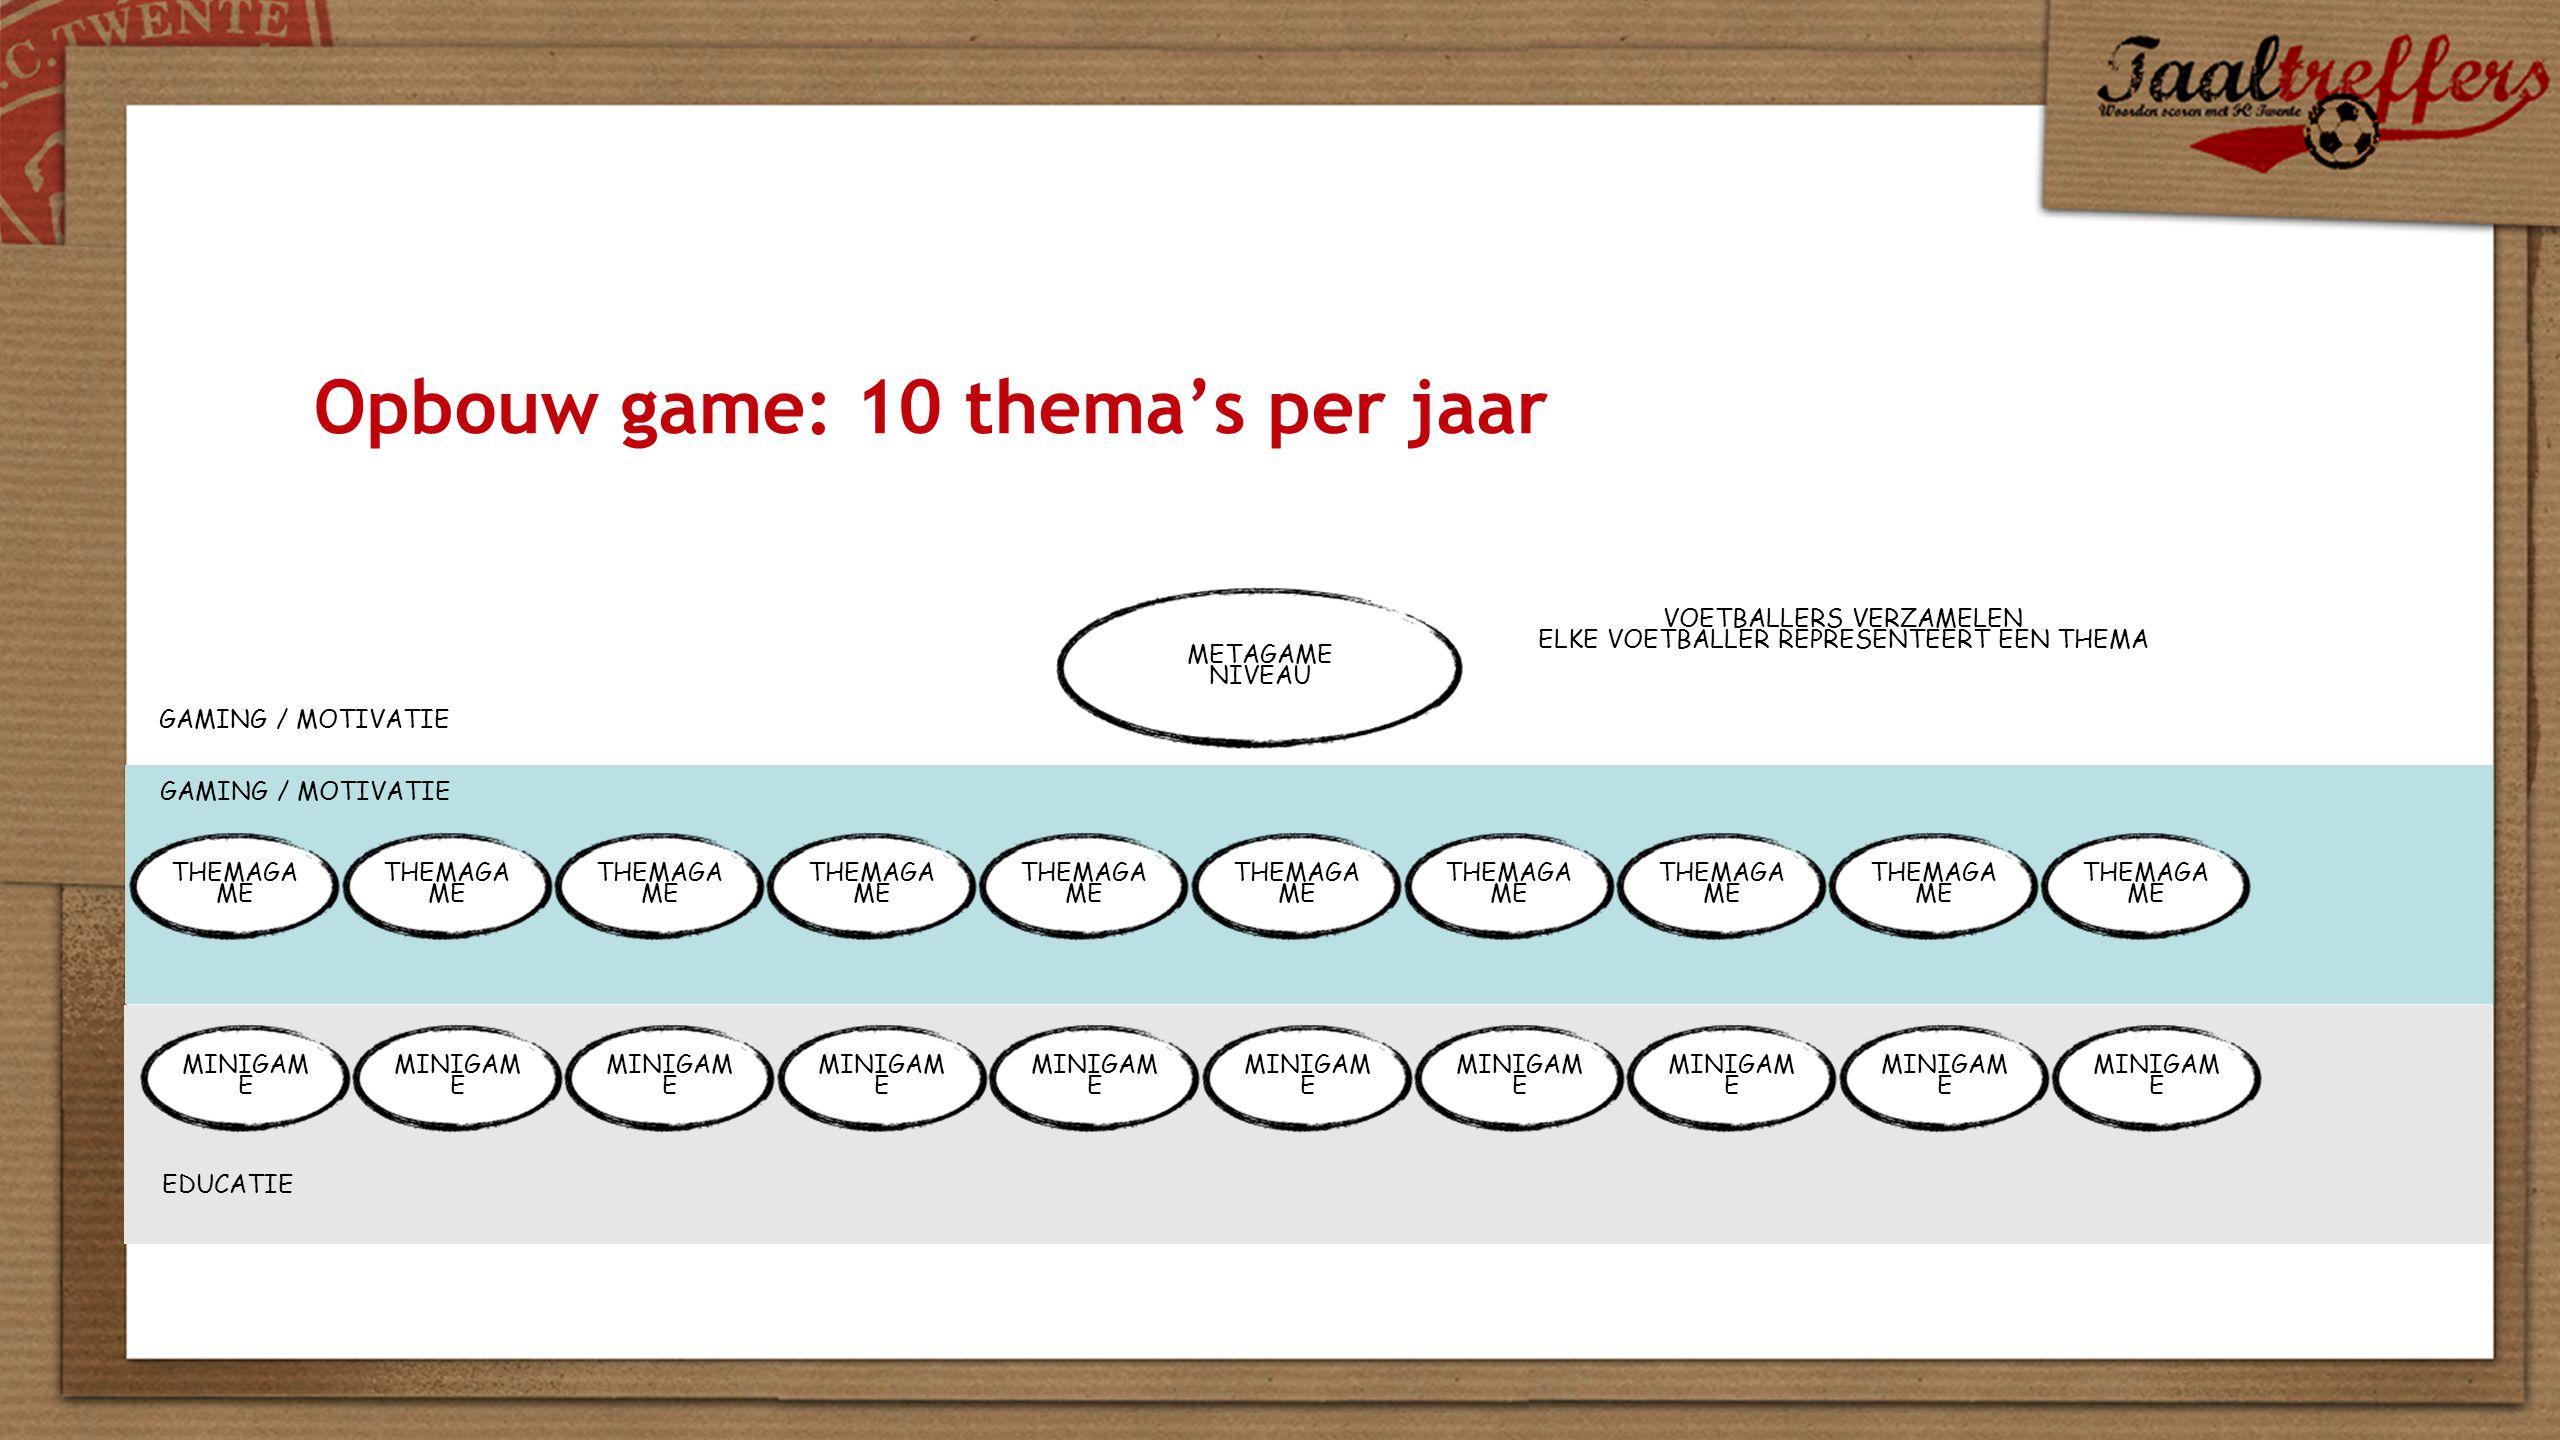 Opbouw game: 10 thema's per jaar THEMAGA ME METAGAME NIVEAU MINIGAM E EDUCATIE GAMING / MOTIVATIE VOETBALLERS VERZAMELEN ELKE VOETBALLER REPRESENTEERT EEN THEMA